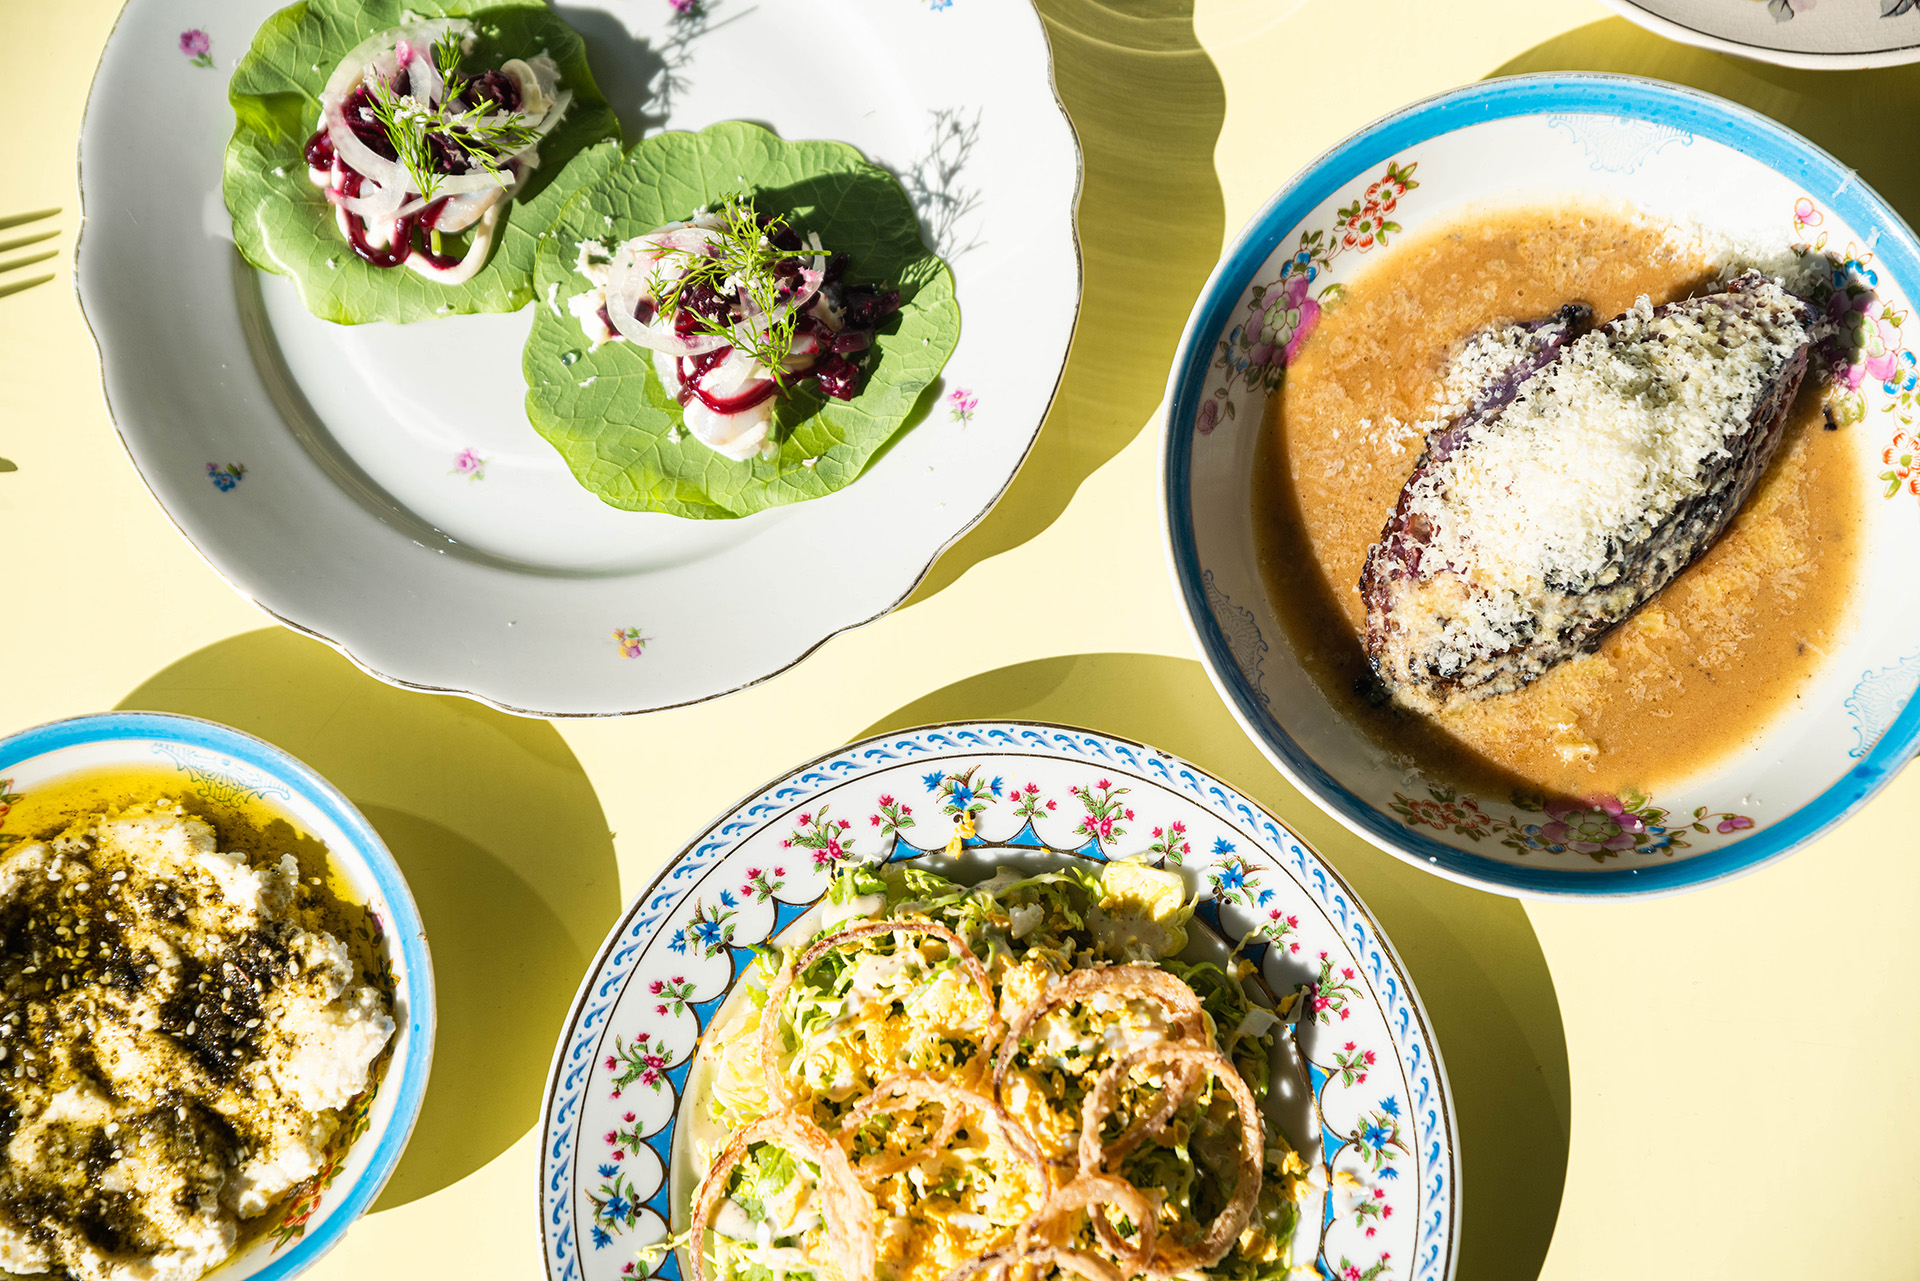 El formato se asemeja a la nueva moda de comida asiática oriental, que plantea la dinámica de las comidas como en un banquete de platos compartidos